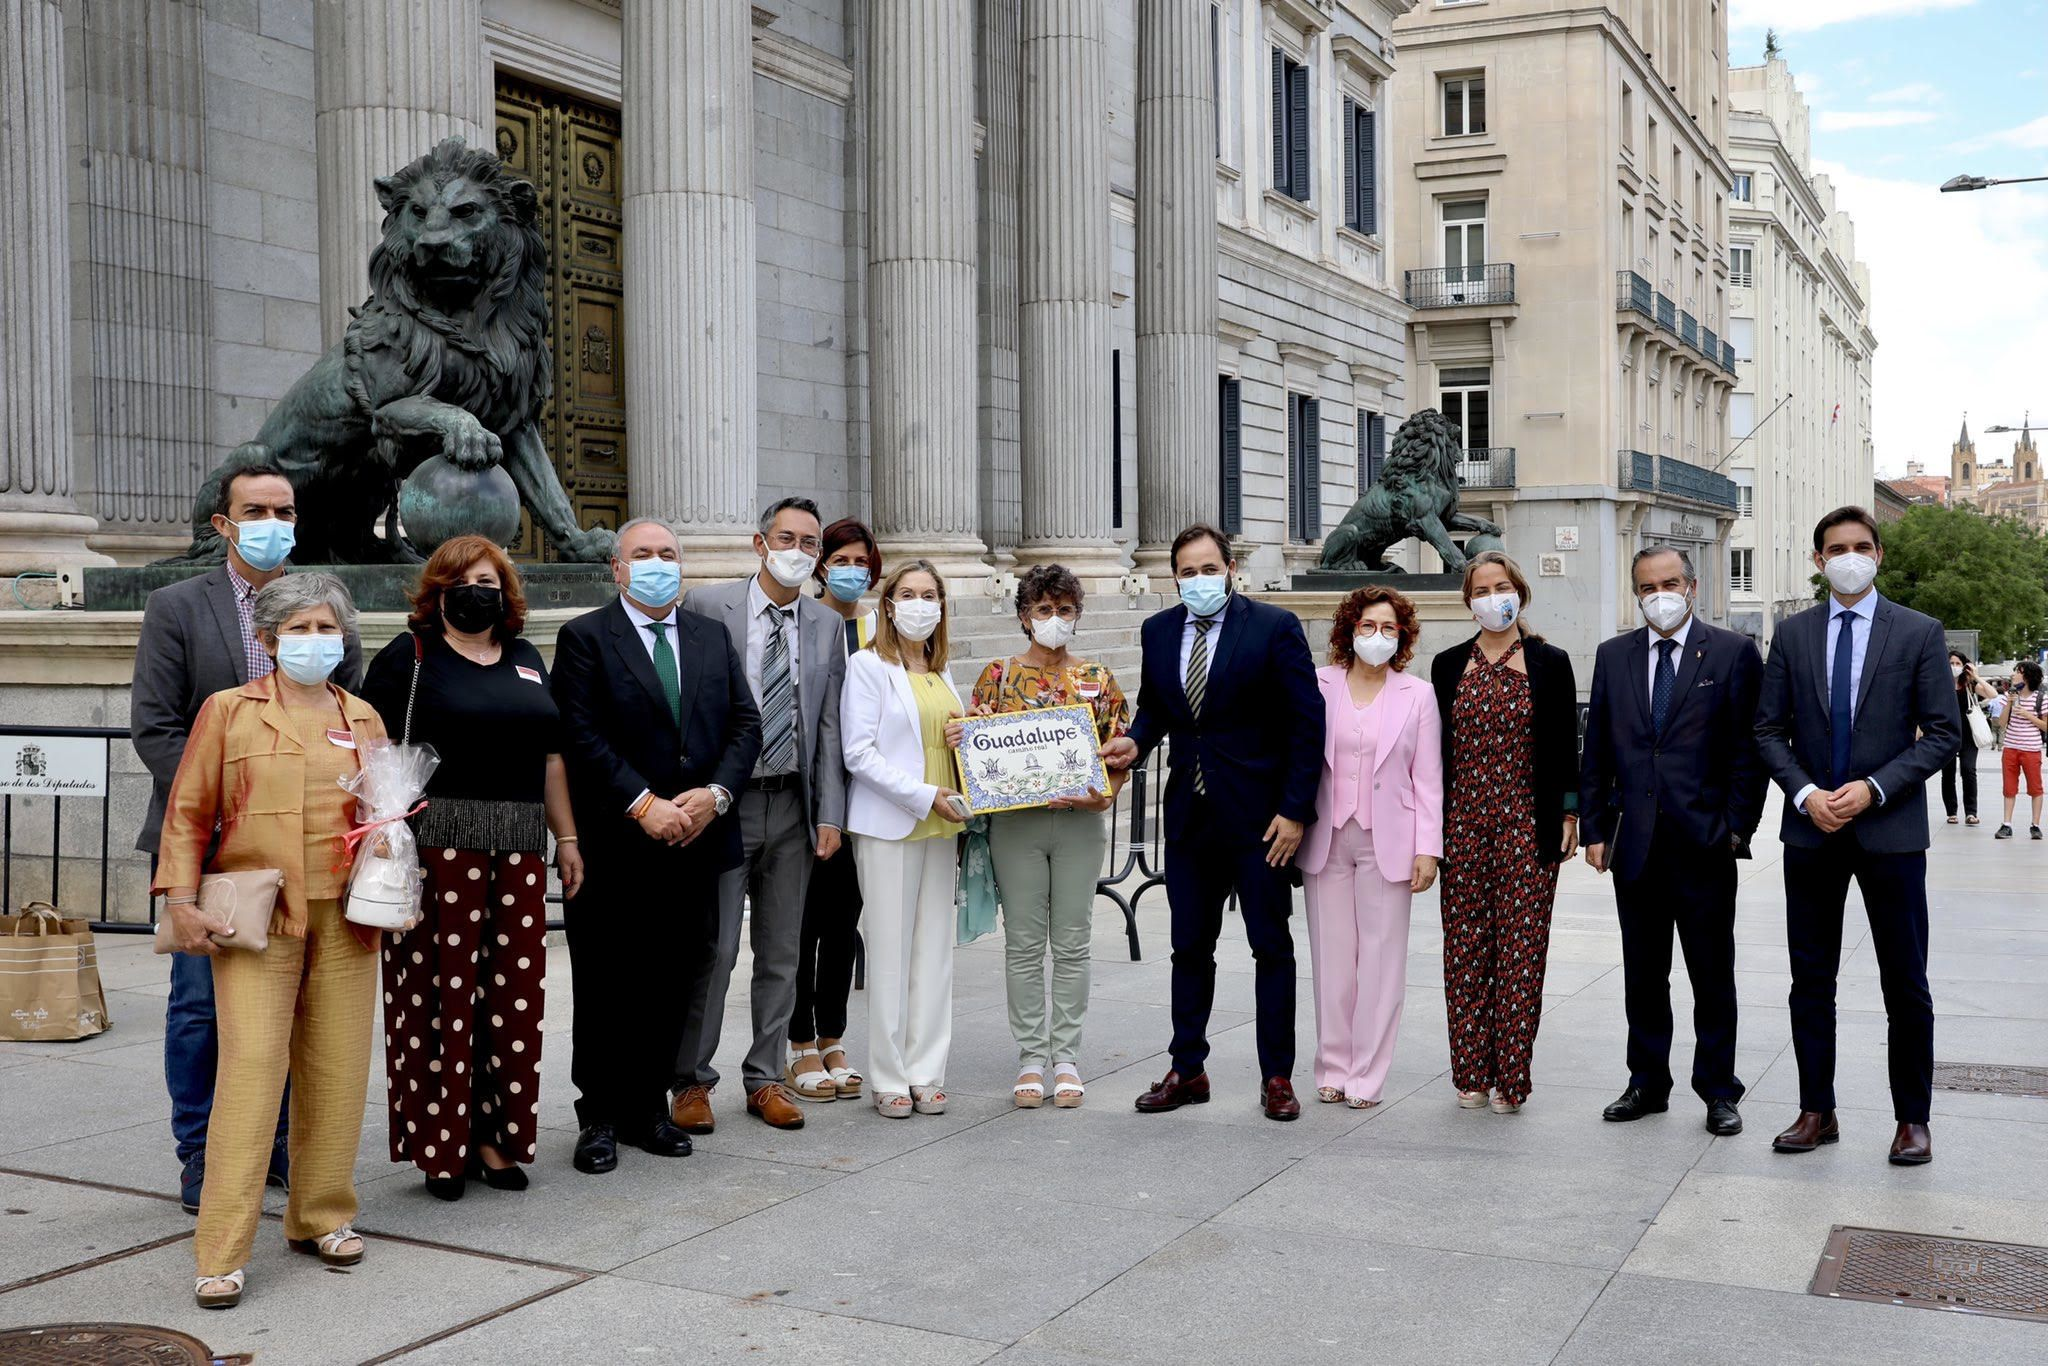 El PP insiste en que el Gobierno de Sánchez elabore un Plan Estratégico de Desarrollo de los Caminos a Guadalupe